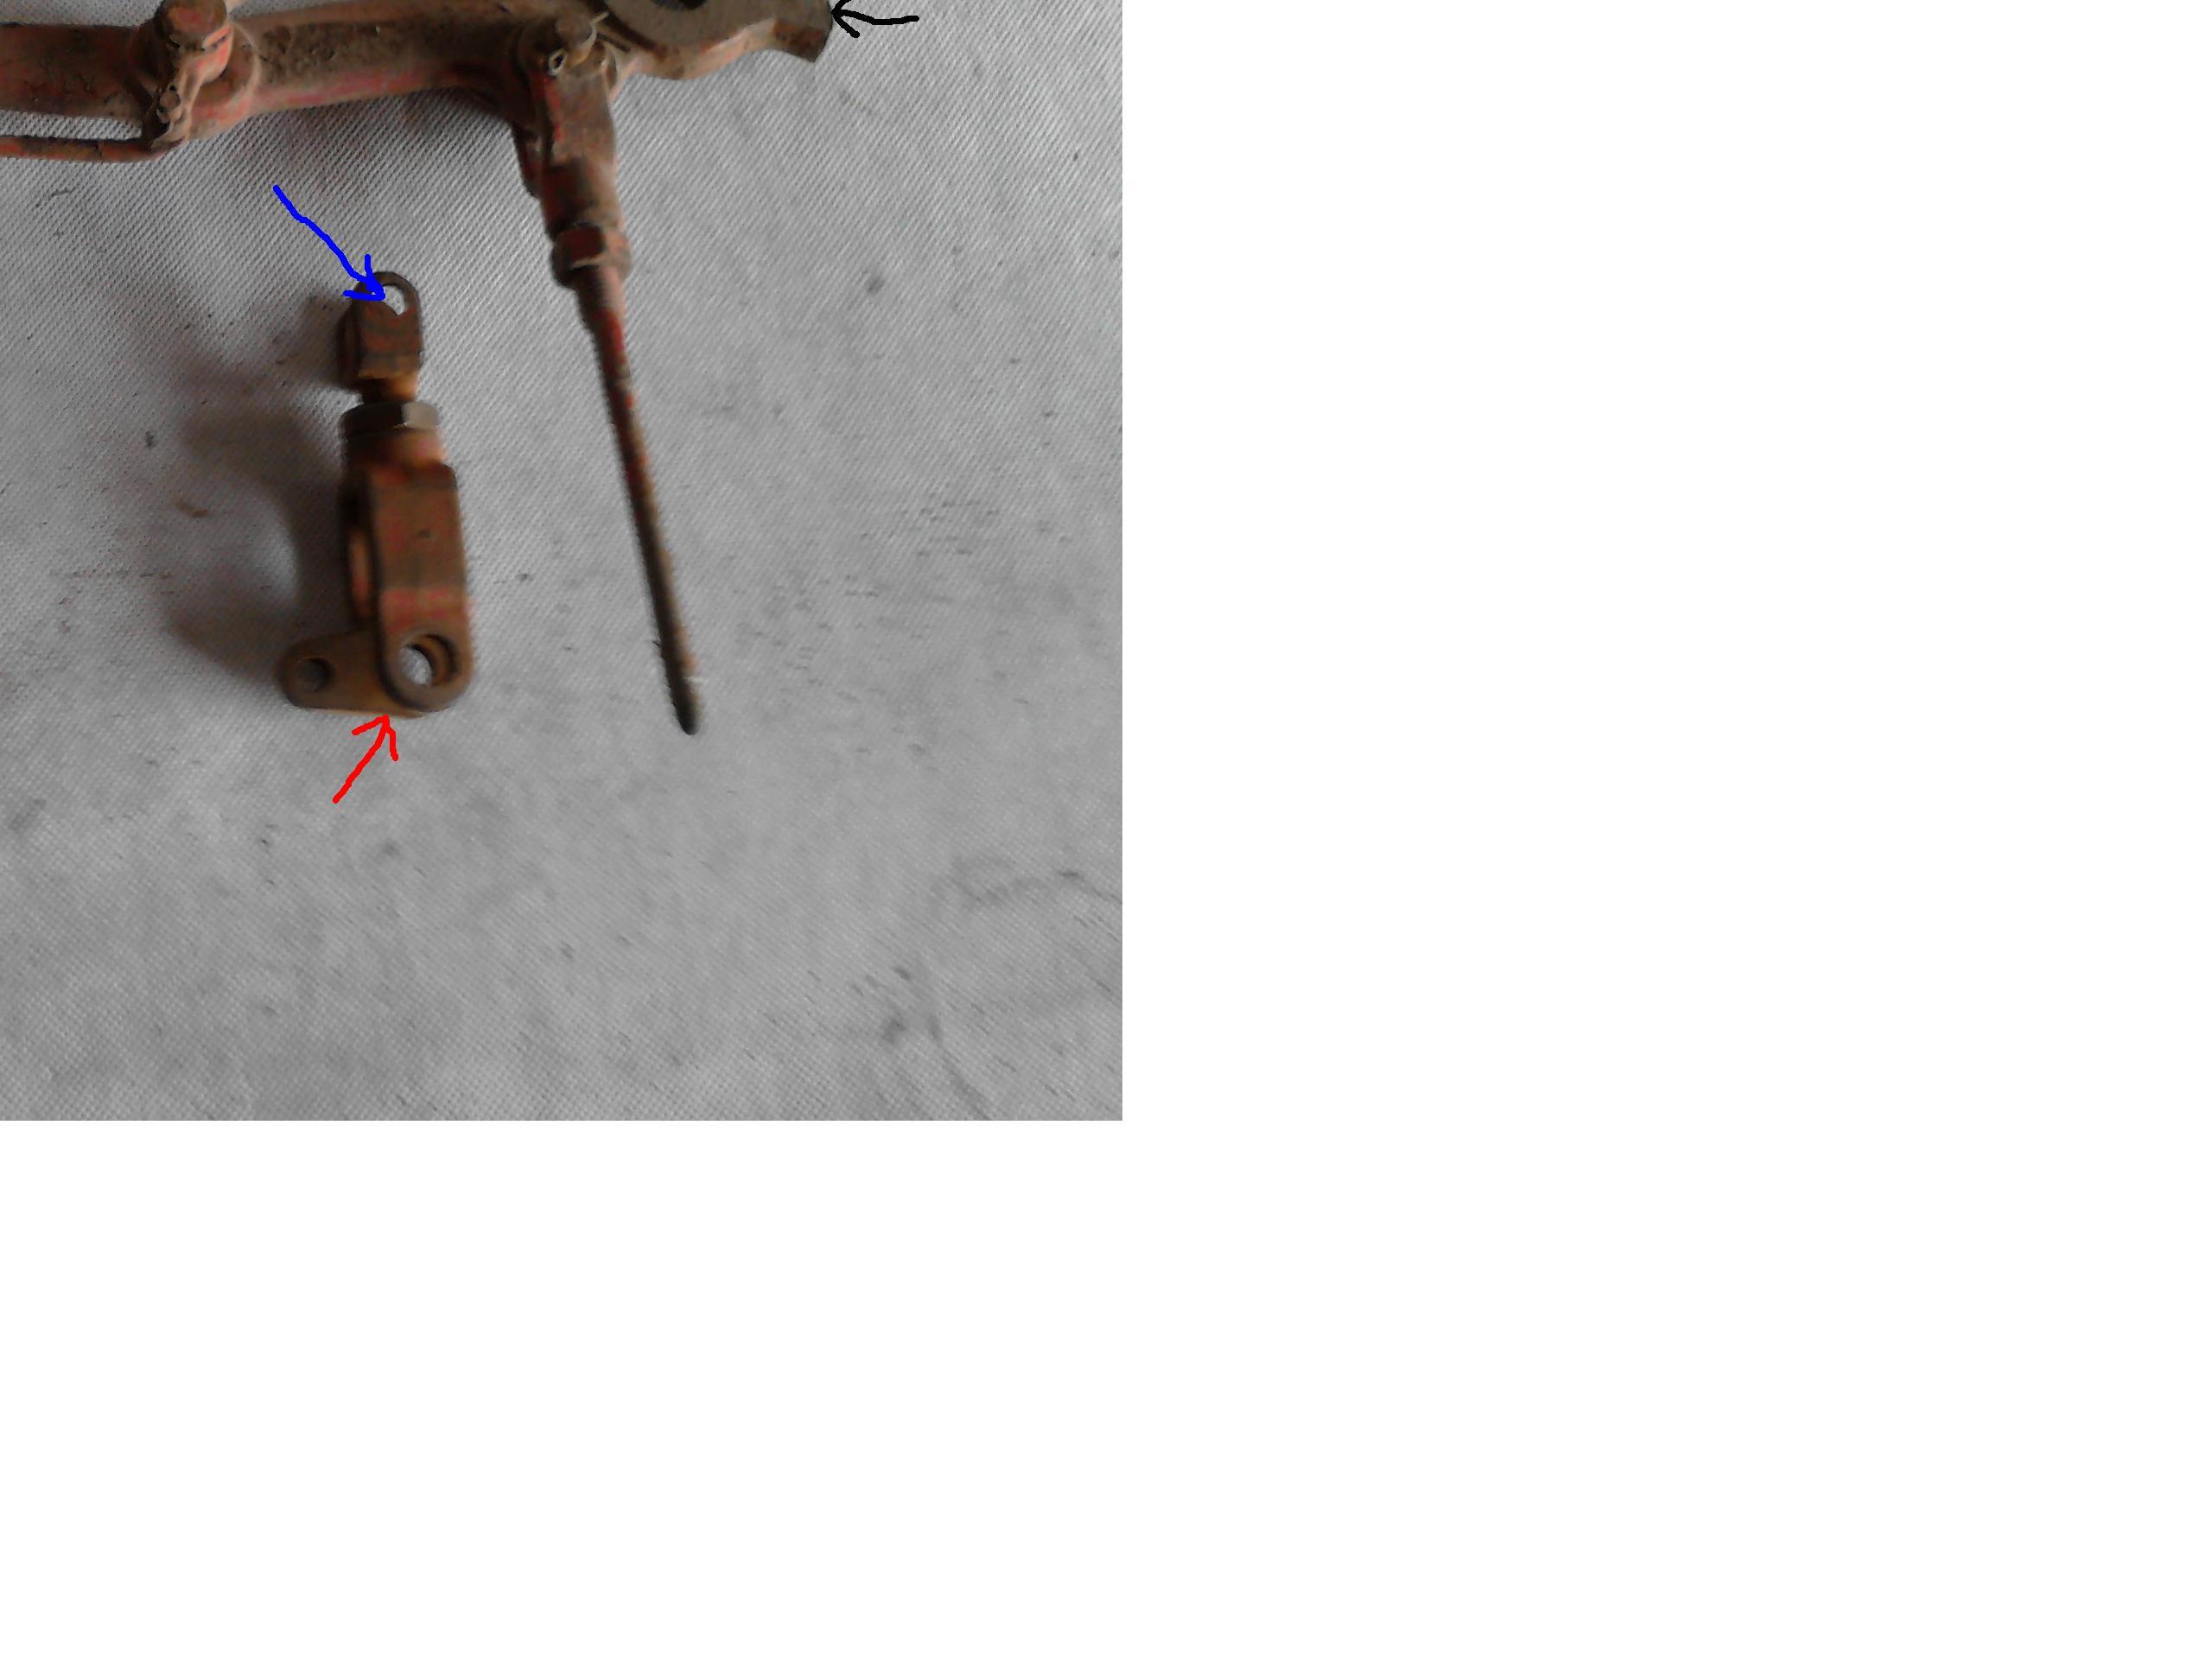 Hamulec r�czny w t-25 (W�adimirec)